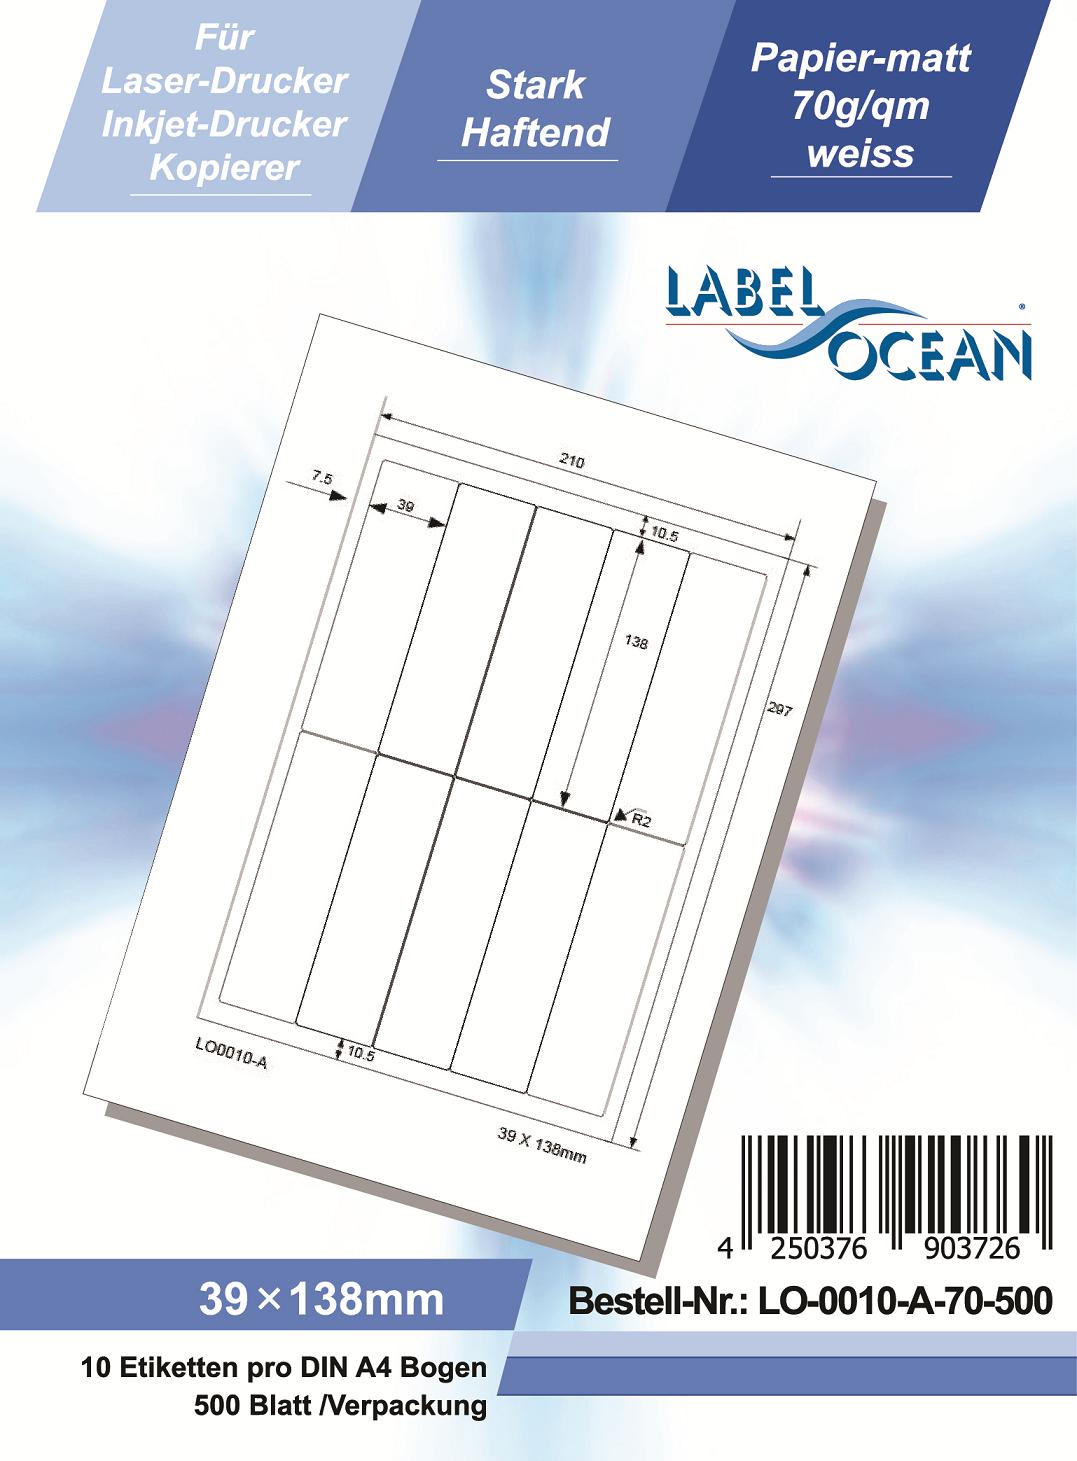 Klebeetiketten DIN A4 weiß 39x138mm (Laser Inkjet Kopierer) 500 Blatt